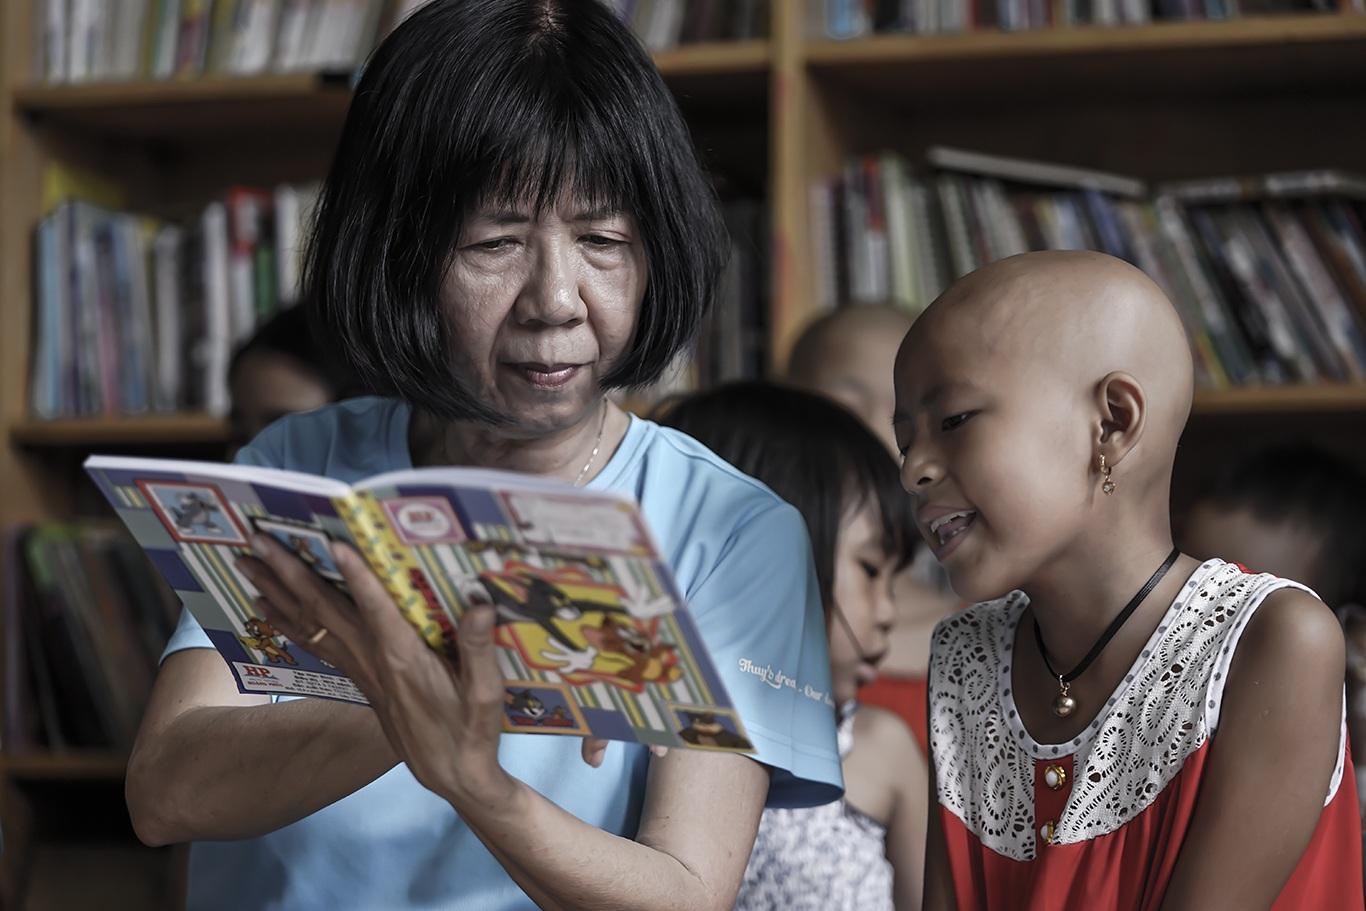 Cô giáo một thập kỷ ở lớp học trò qua đời, cô vẫn phải mỉm cười - 23